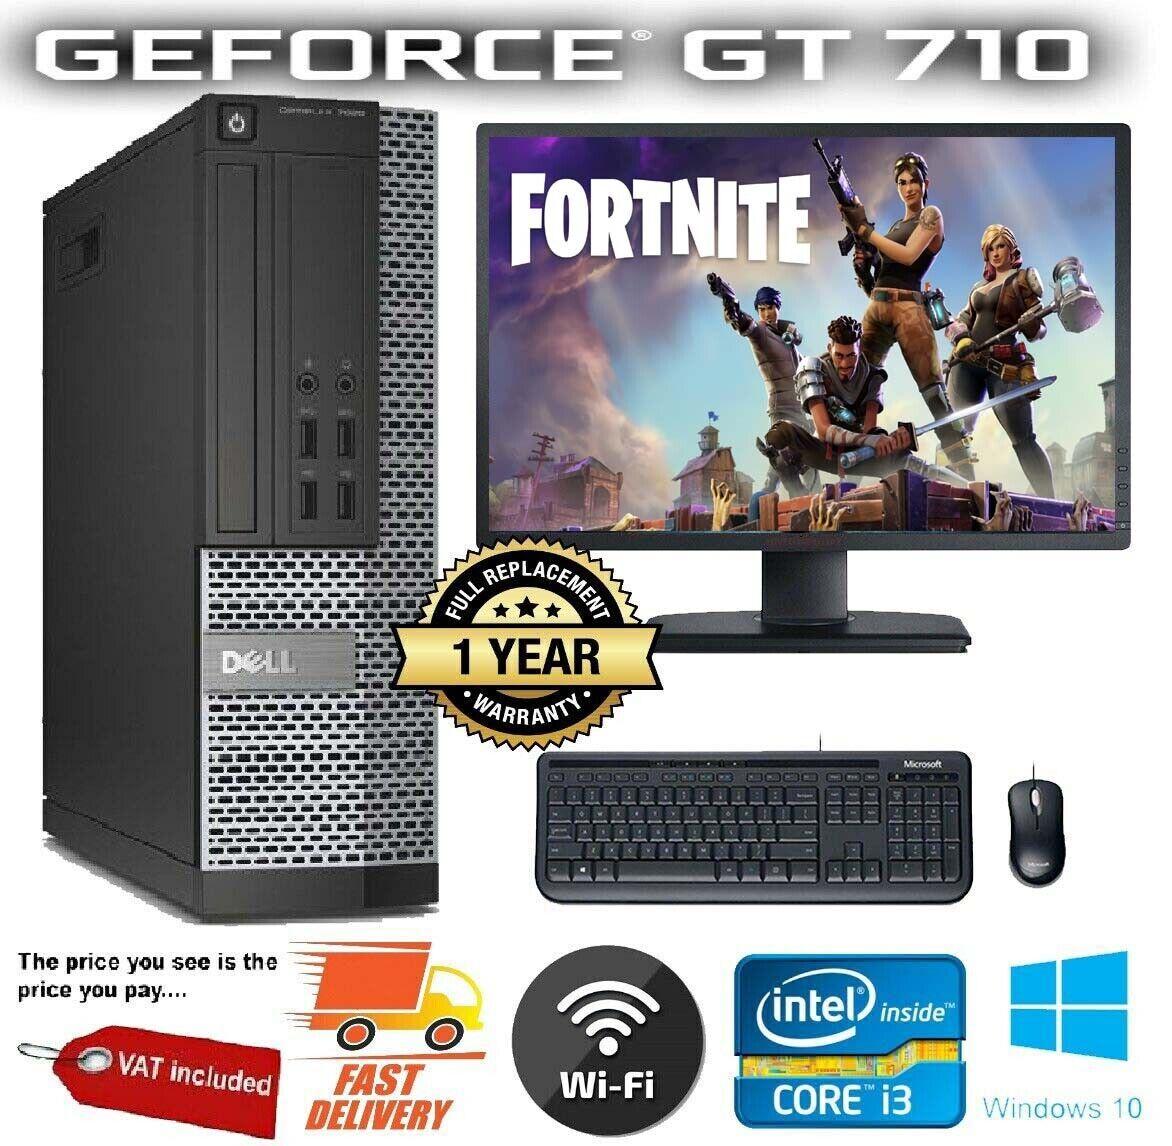 Computer Games - CHEAP FAST FORTNITE GAMING PC Dell/LENOVO COMPUTER DESKTOP 8GB 500GB GT710 Win10